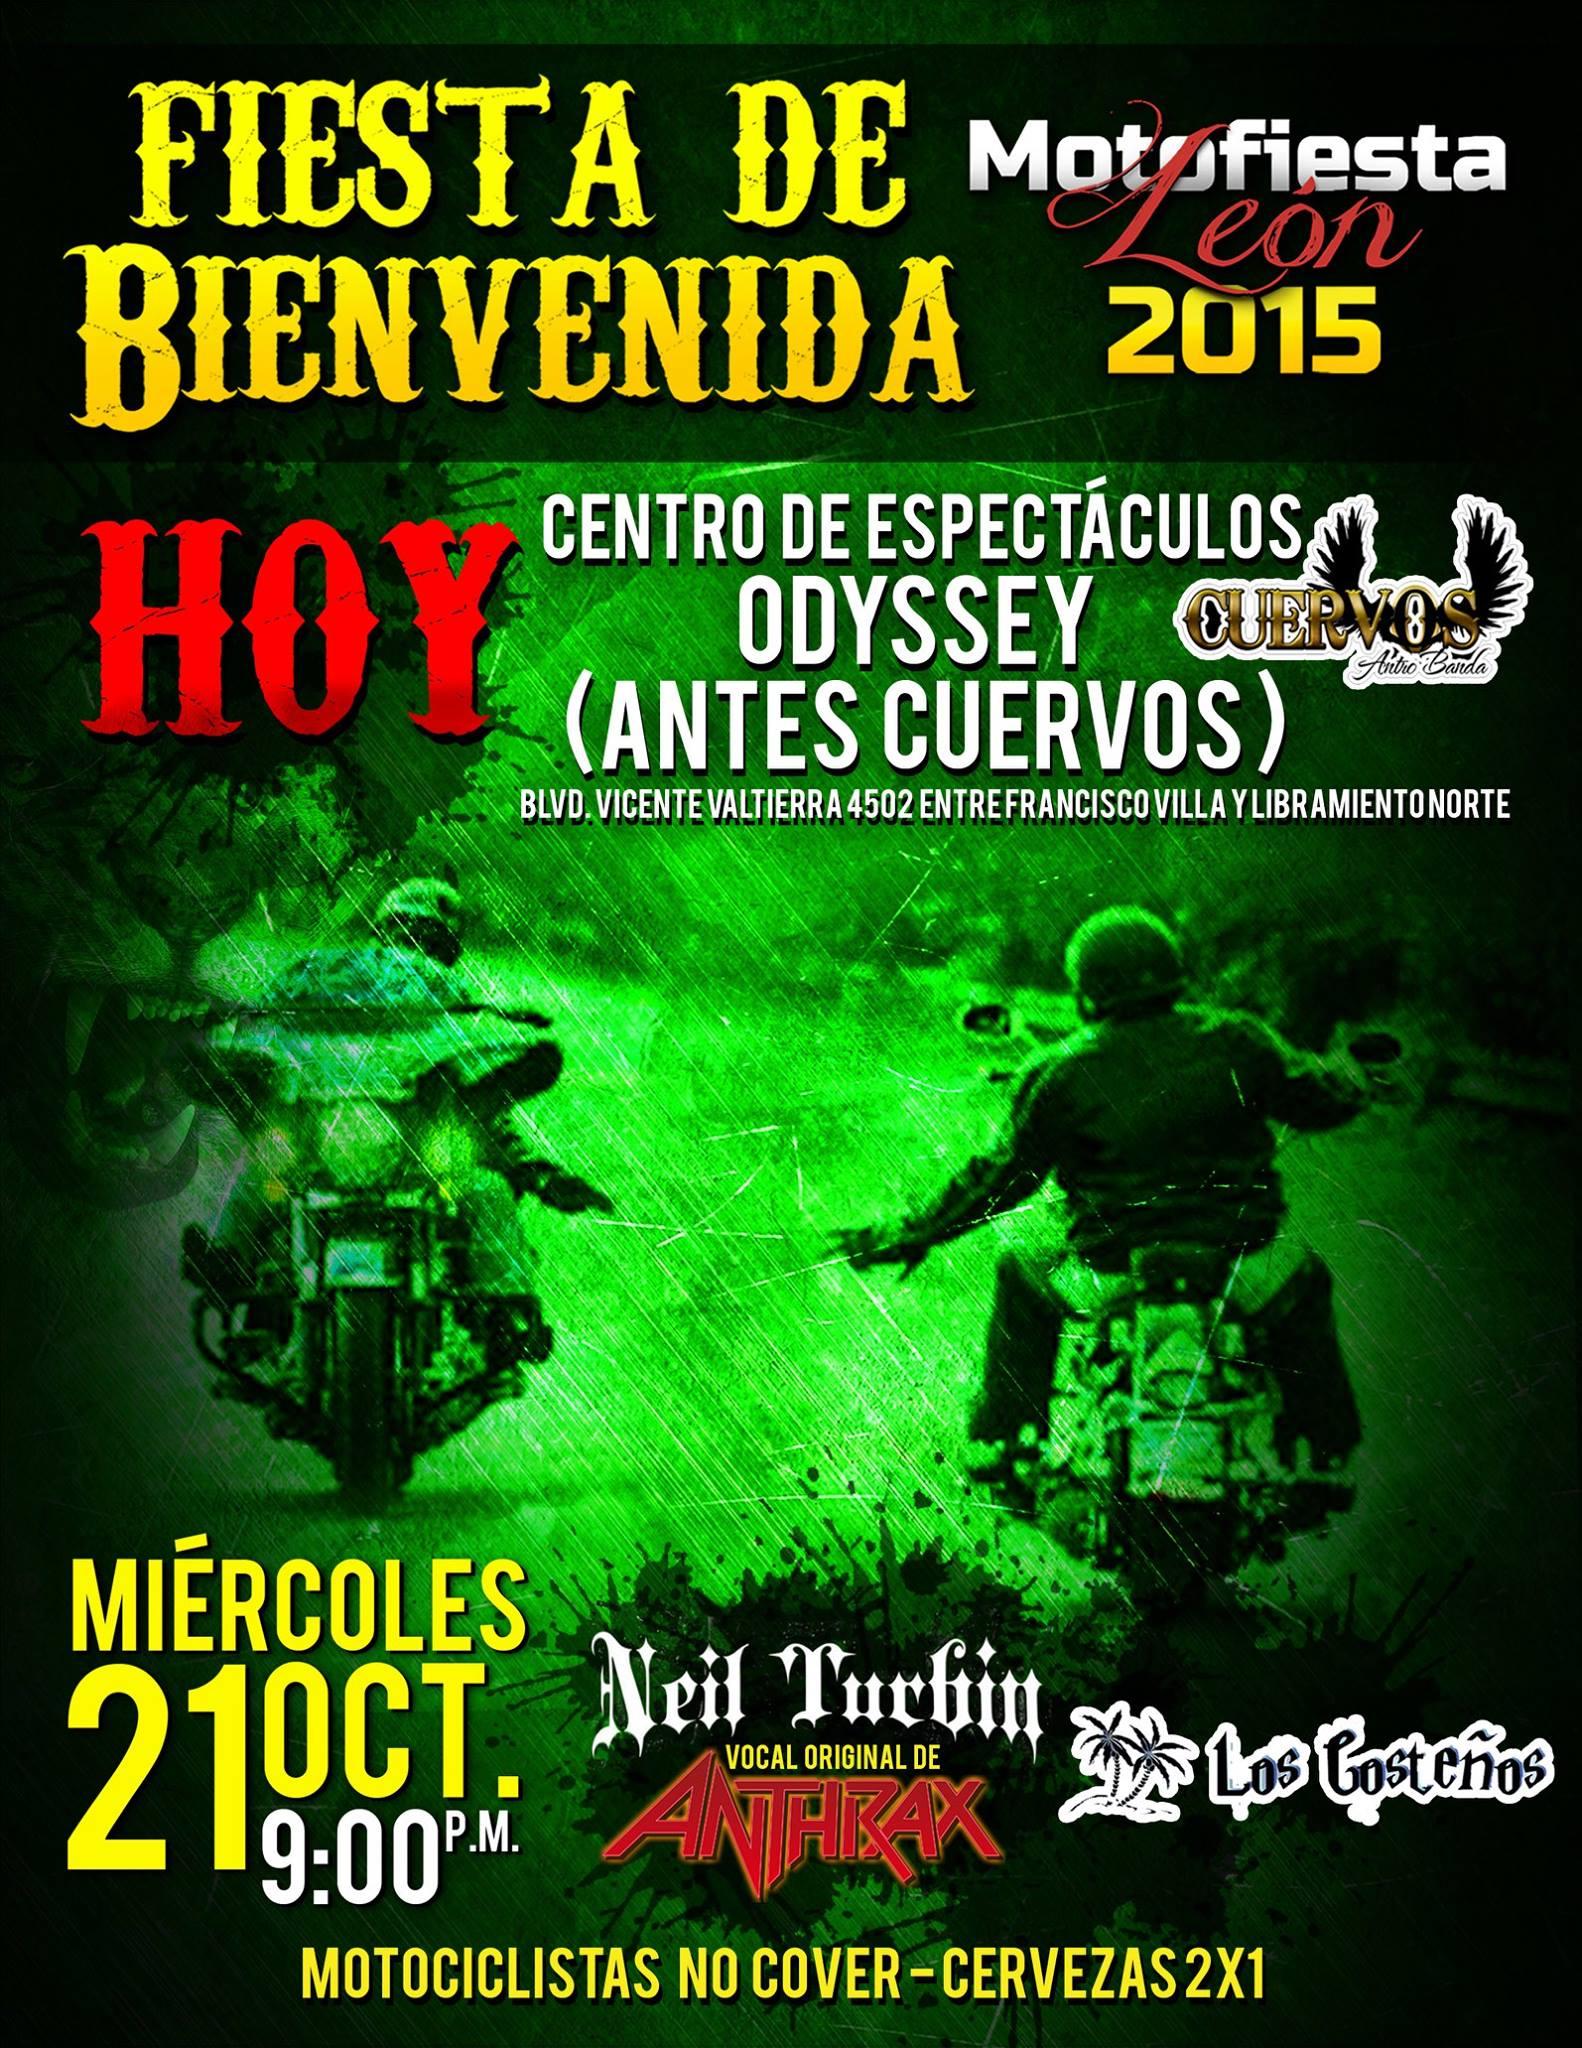 Neil Turbin live Fiesta de Bienvenida Motofiesta Leon 9/21/2015